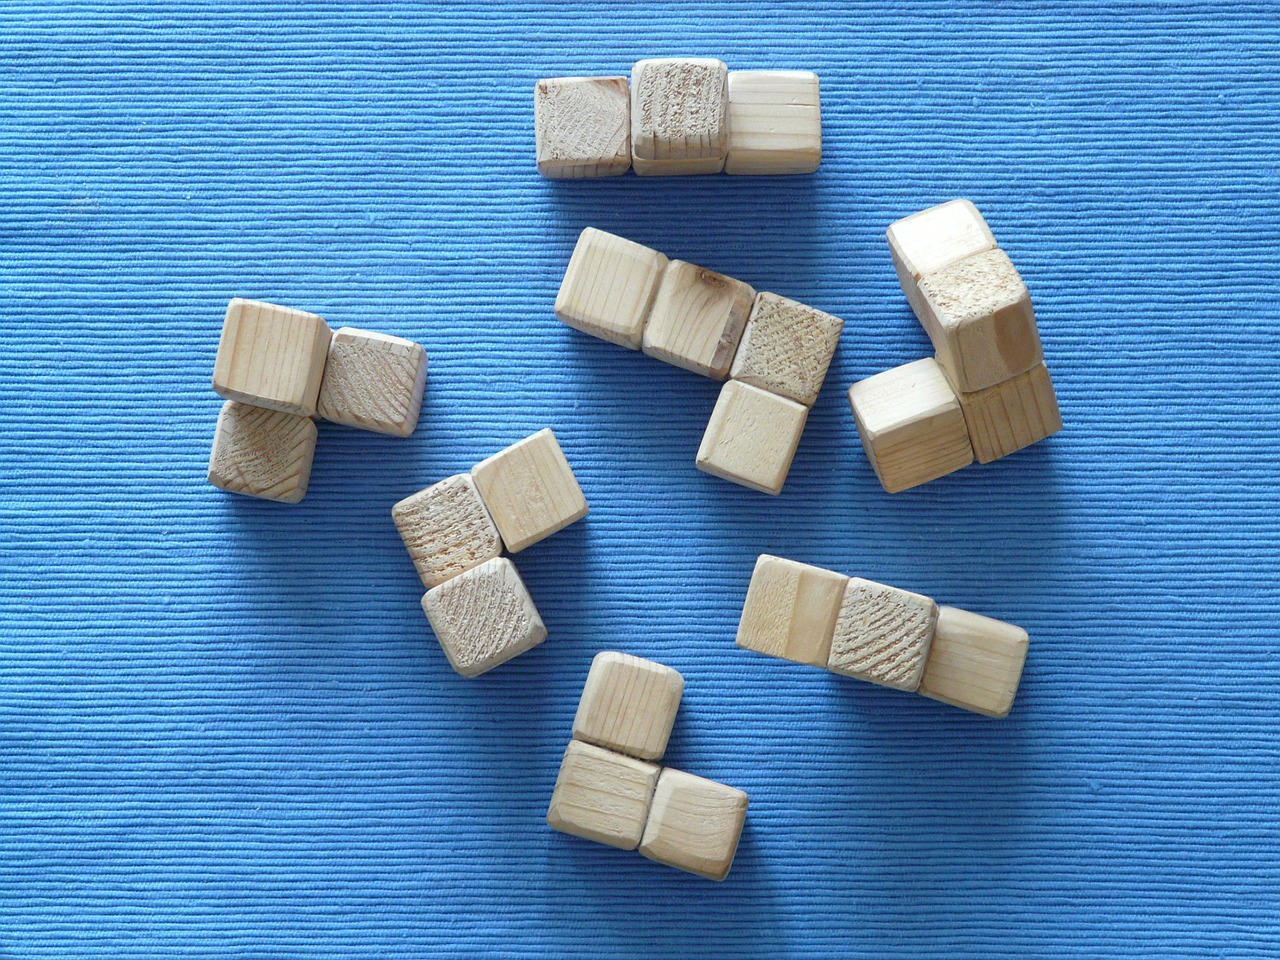 puzzle-7503_1280.jpg